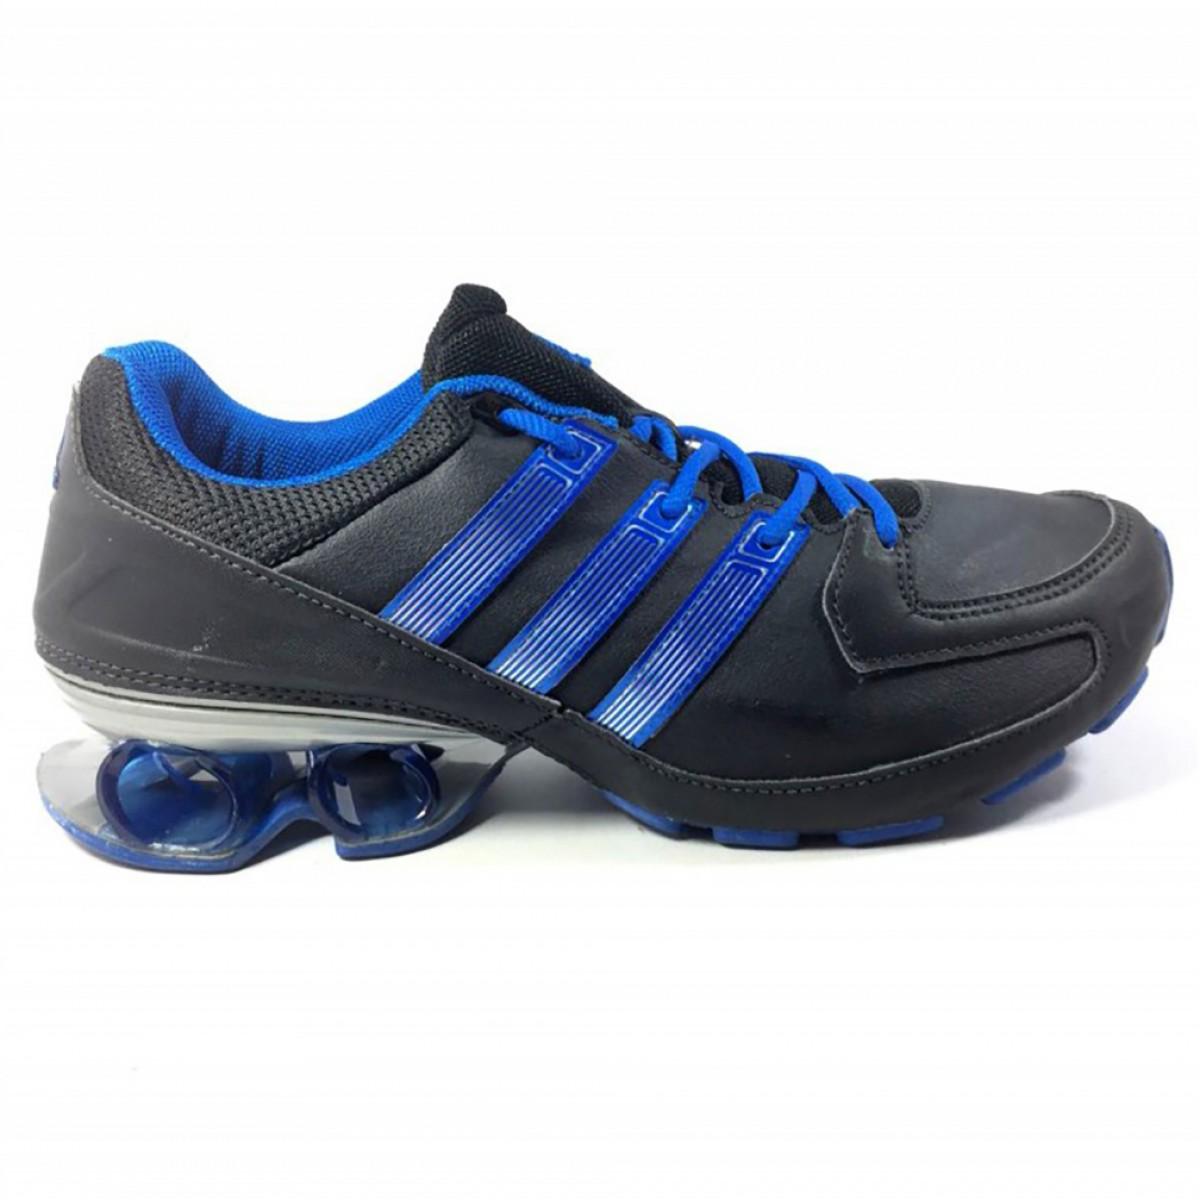 979030b5ef2 ... Tênis Adidas Komet Syn Masculino - Preto e Azul ...